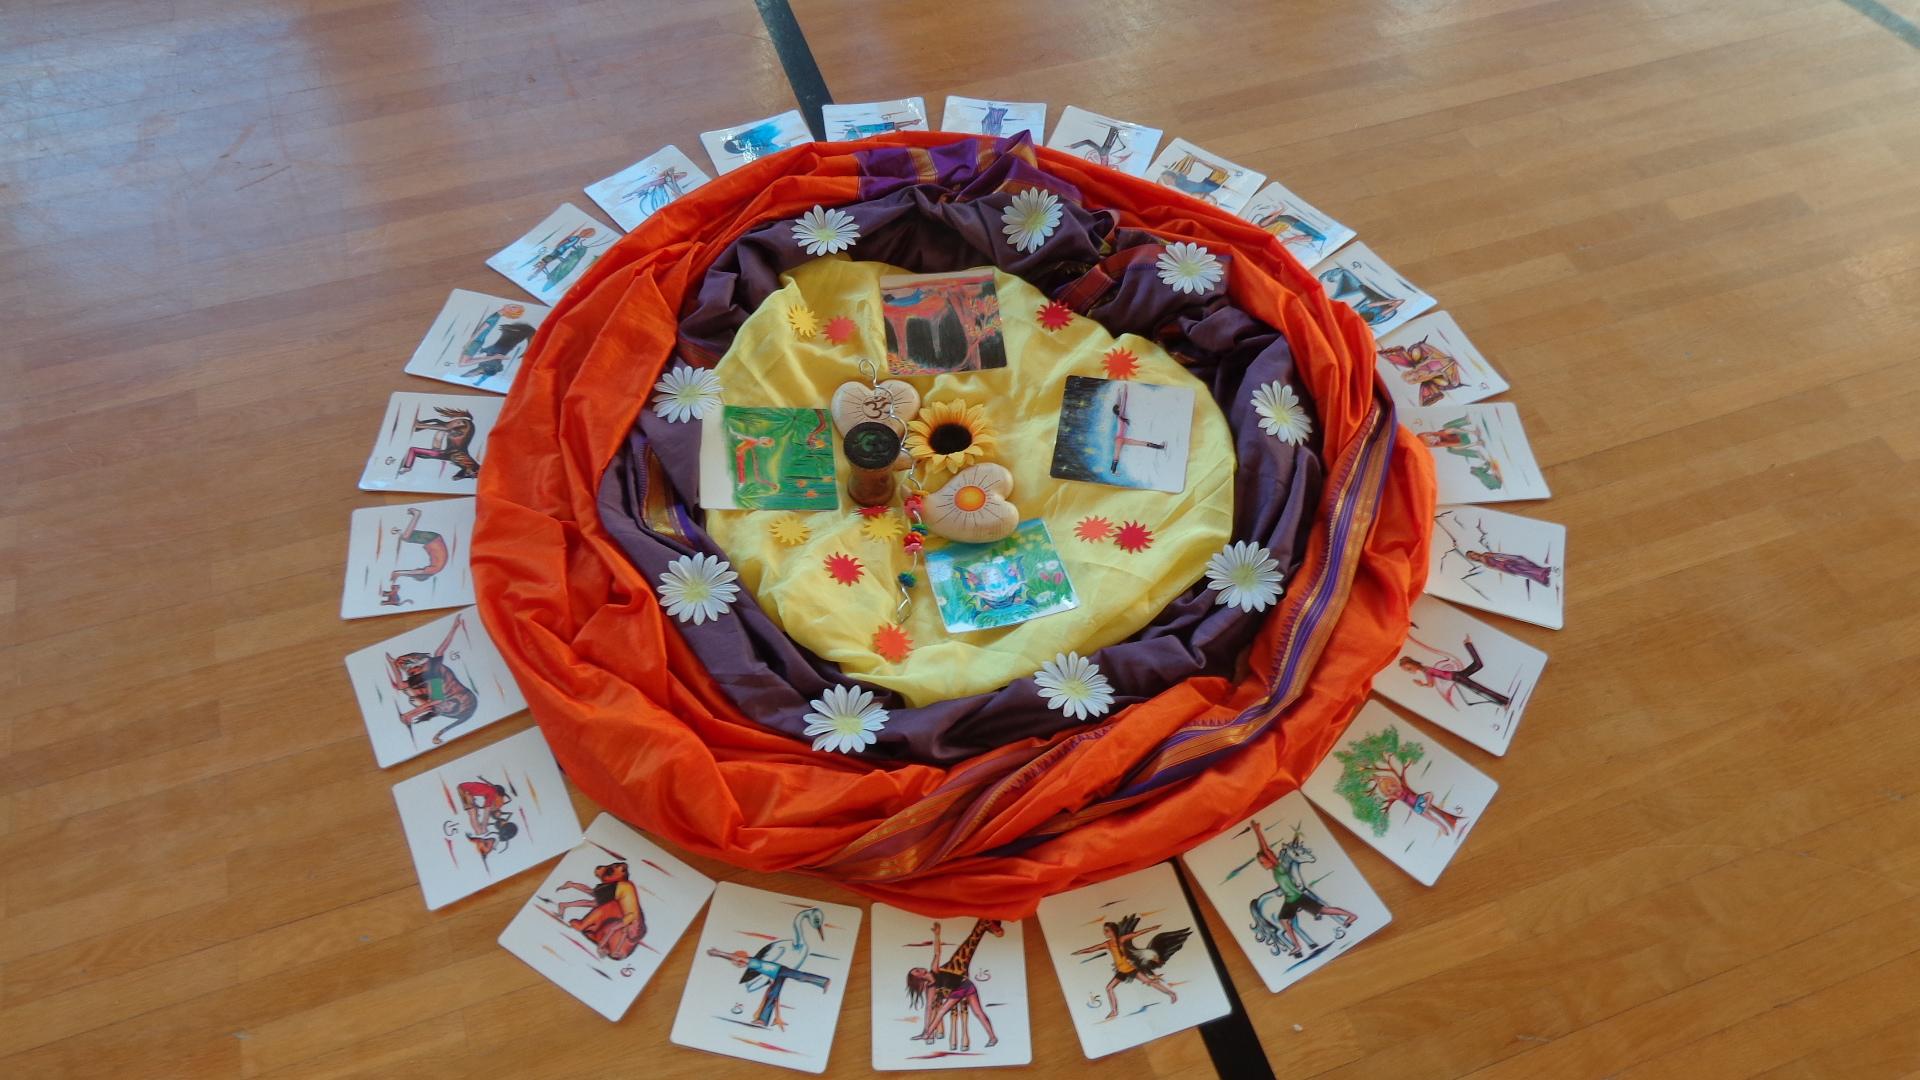 Foto: Yoga-Mitte mit Tüchern und Karten